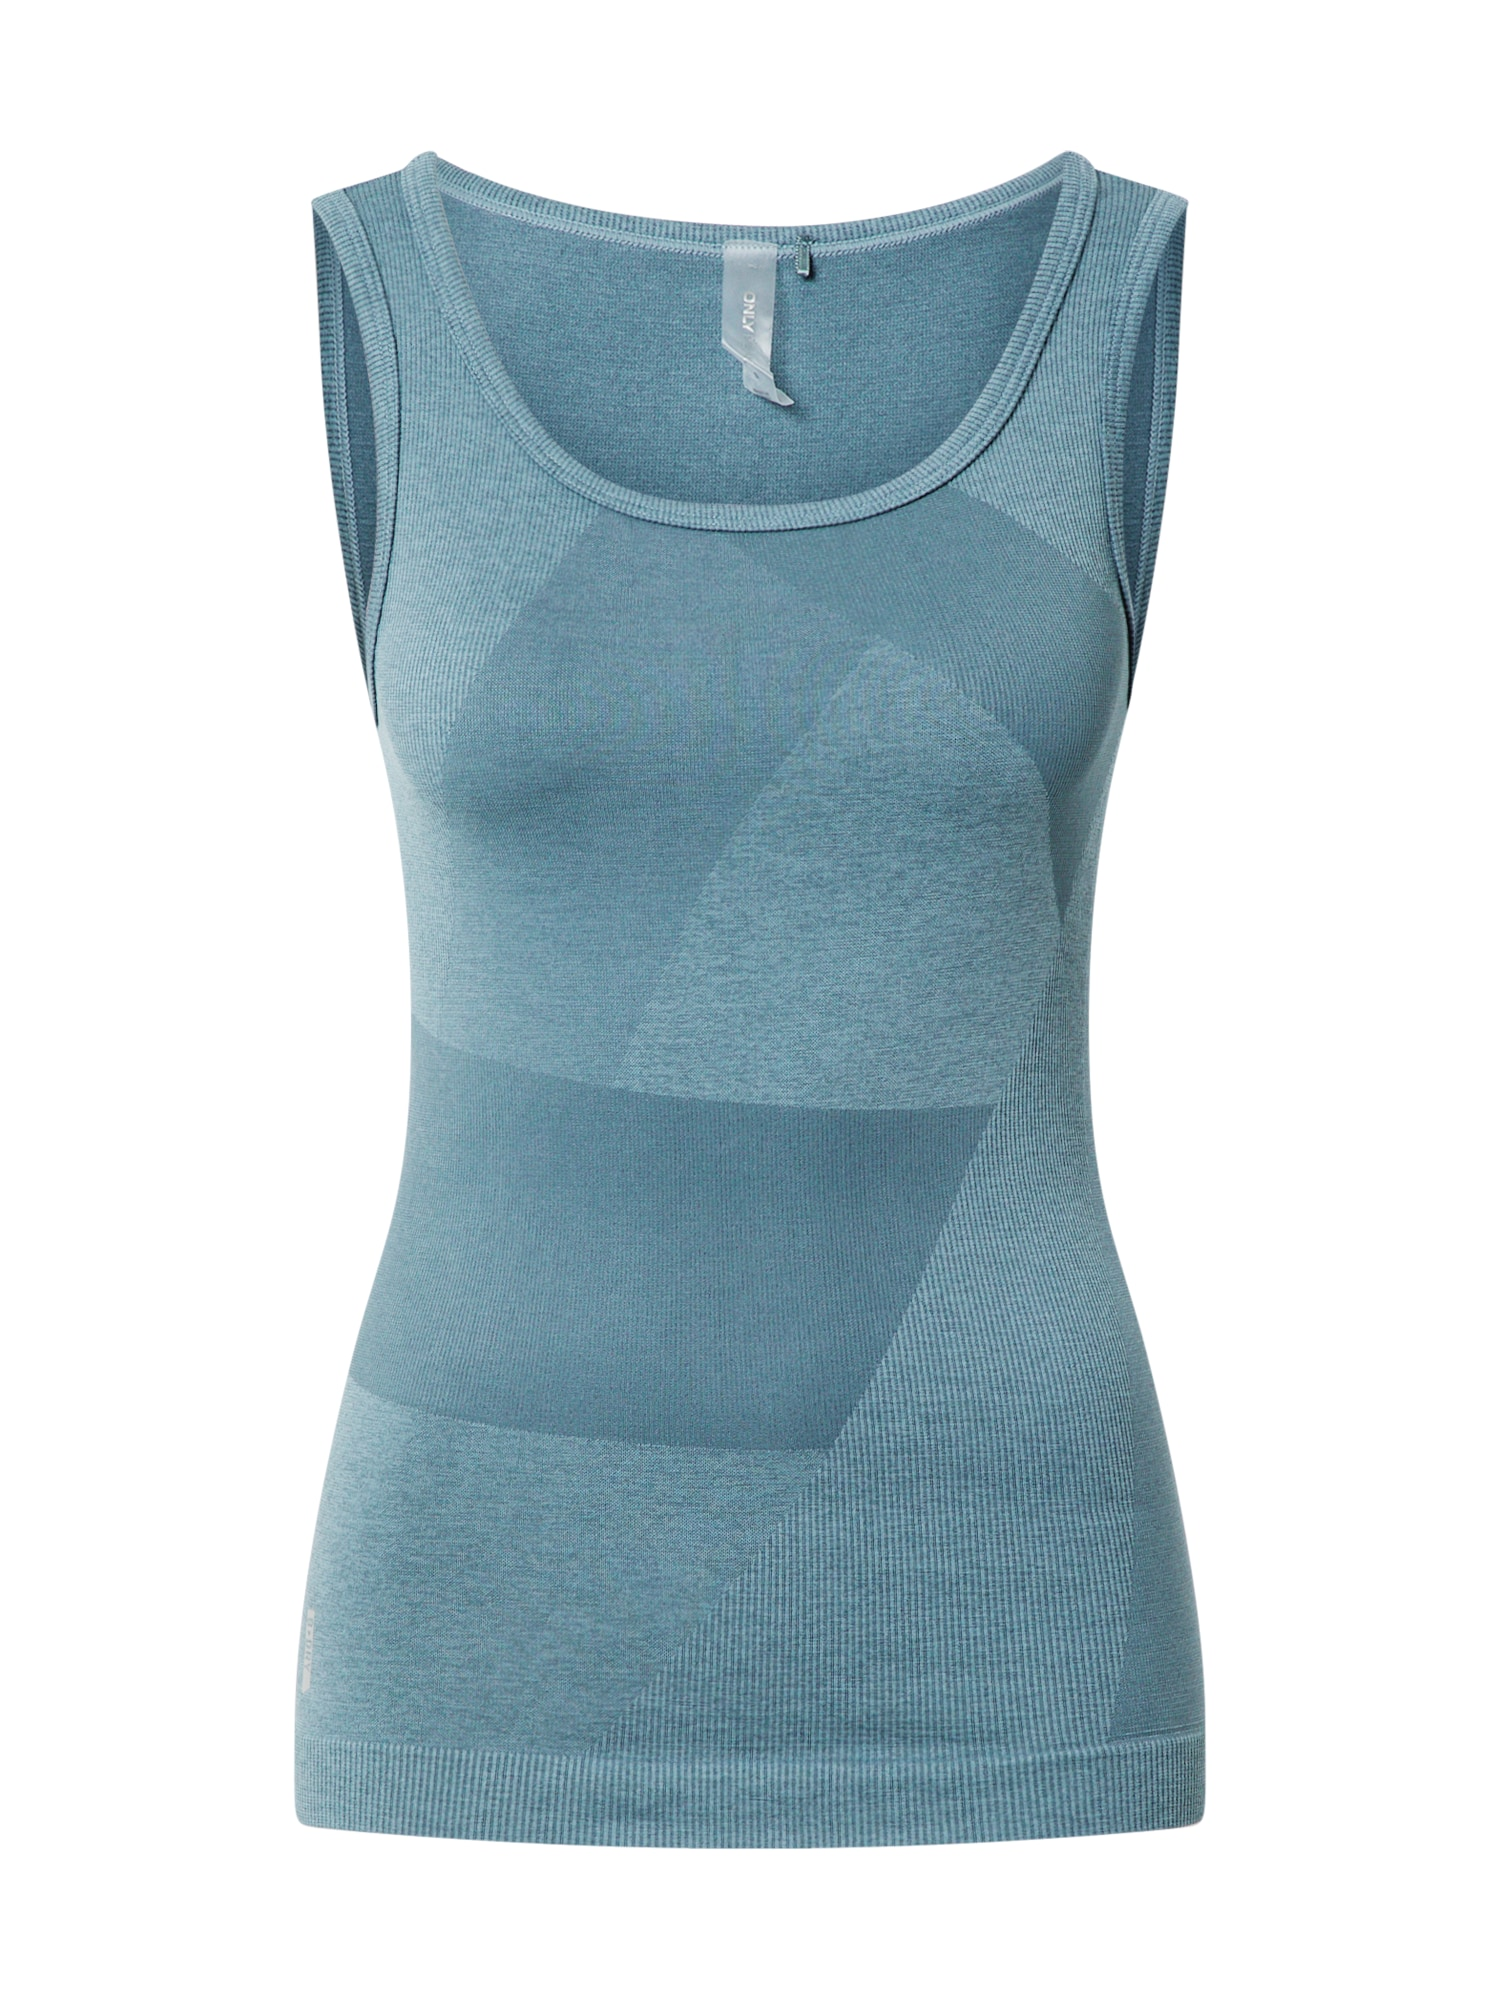 ONLY PLAY Sportiniai marškinėliai be rankovių mėlyna dūmų spalva / mėlyna